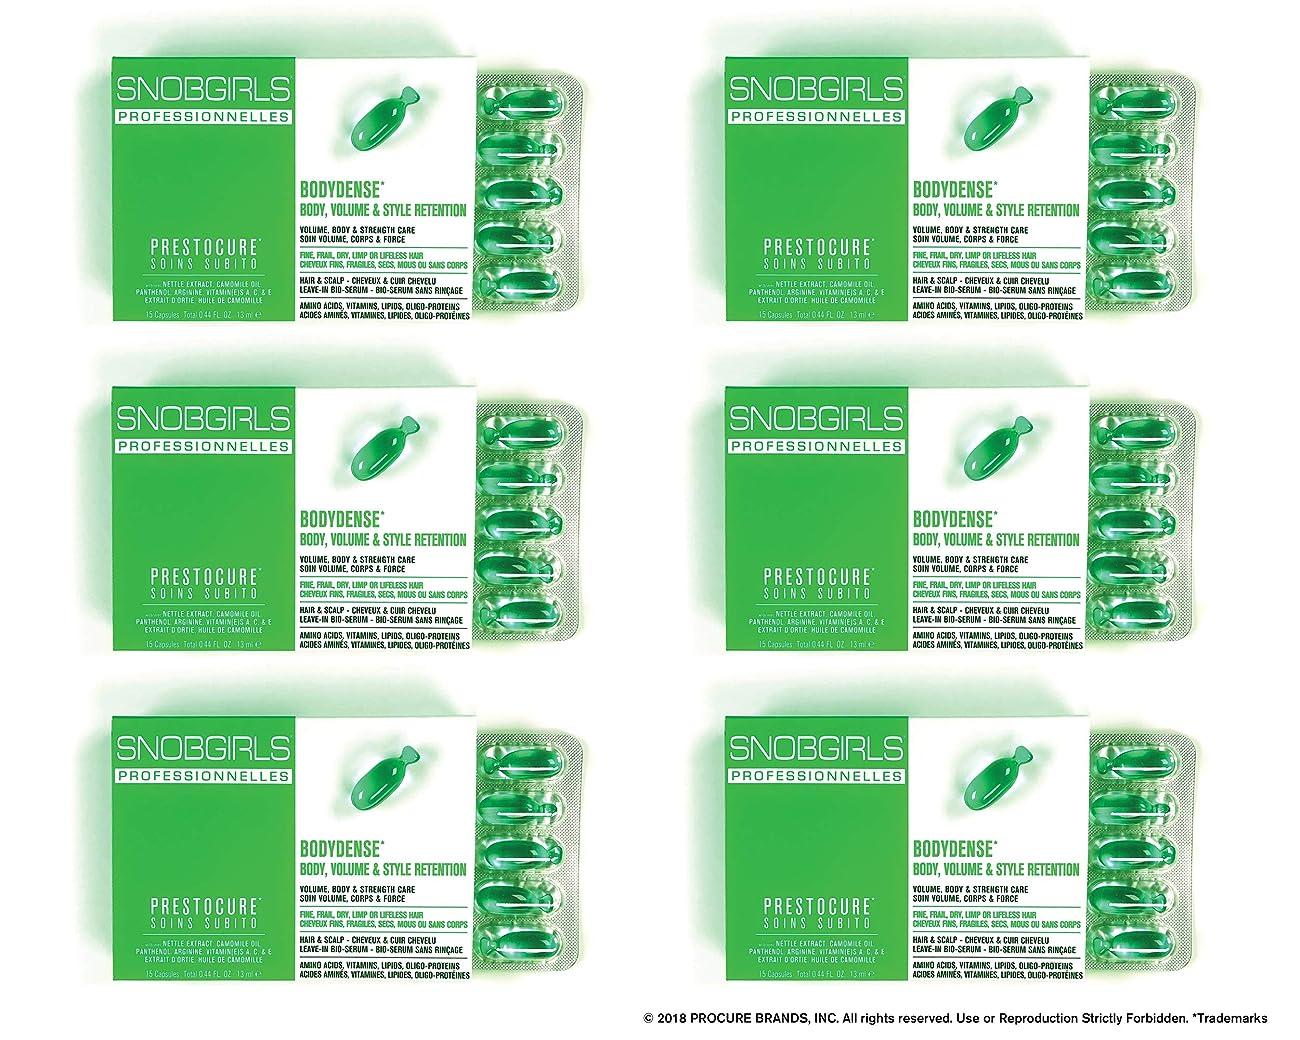 つかまえる締めるマイクロプロセッサSNOBGIRLS BODYDENSE TWIST-OFF HAIR CAPSULES - 6×15個のパックのパック(合計90個のパック)